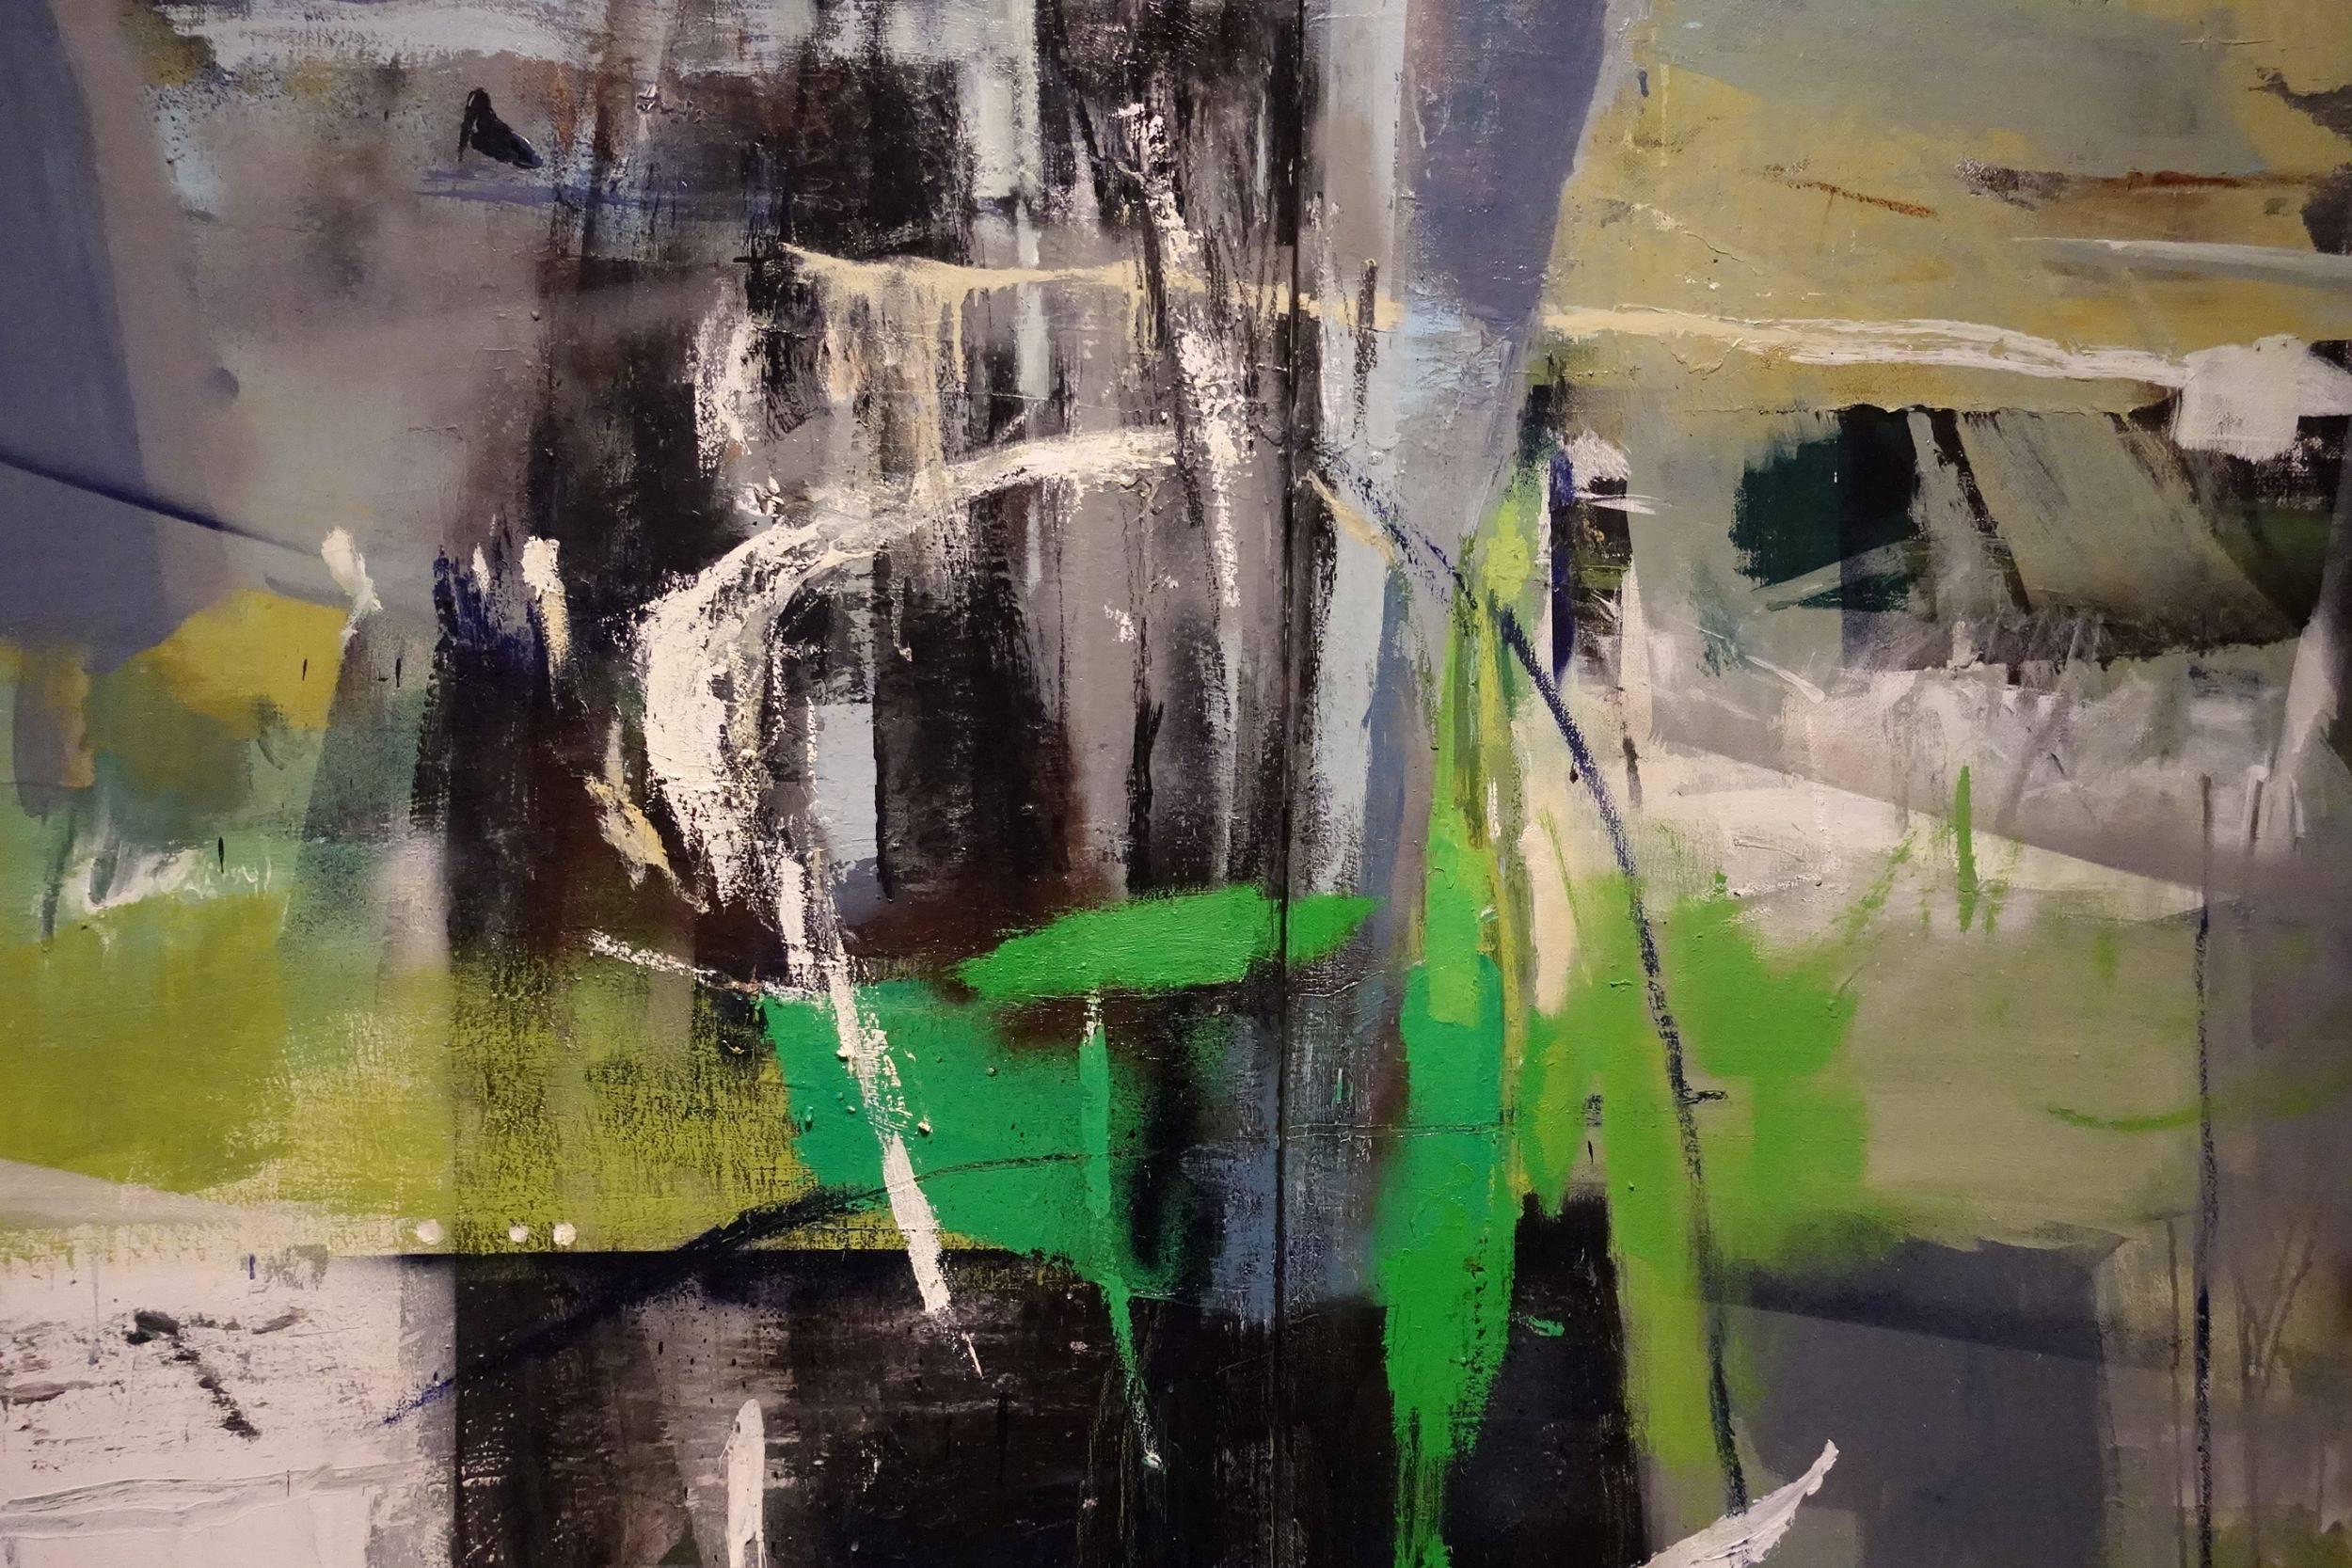 龔煜珊,〈立春〉,2017,油彩、壓克力顏料、複合媒材、畫布,117×182cm。